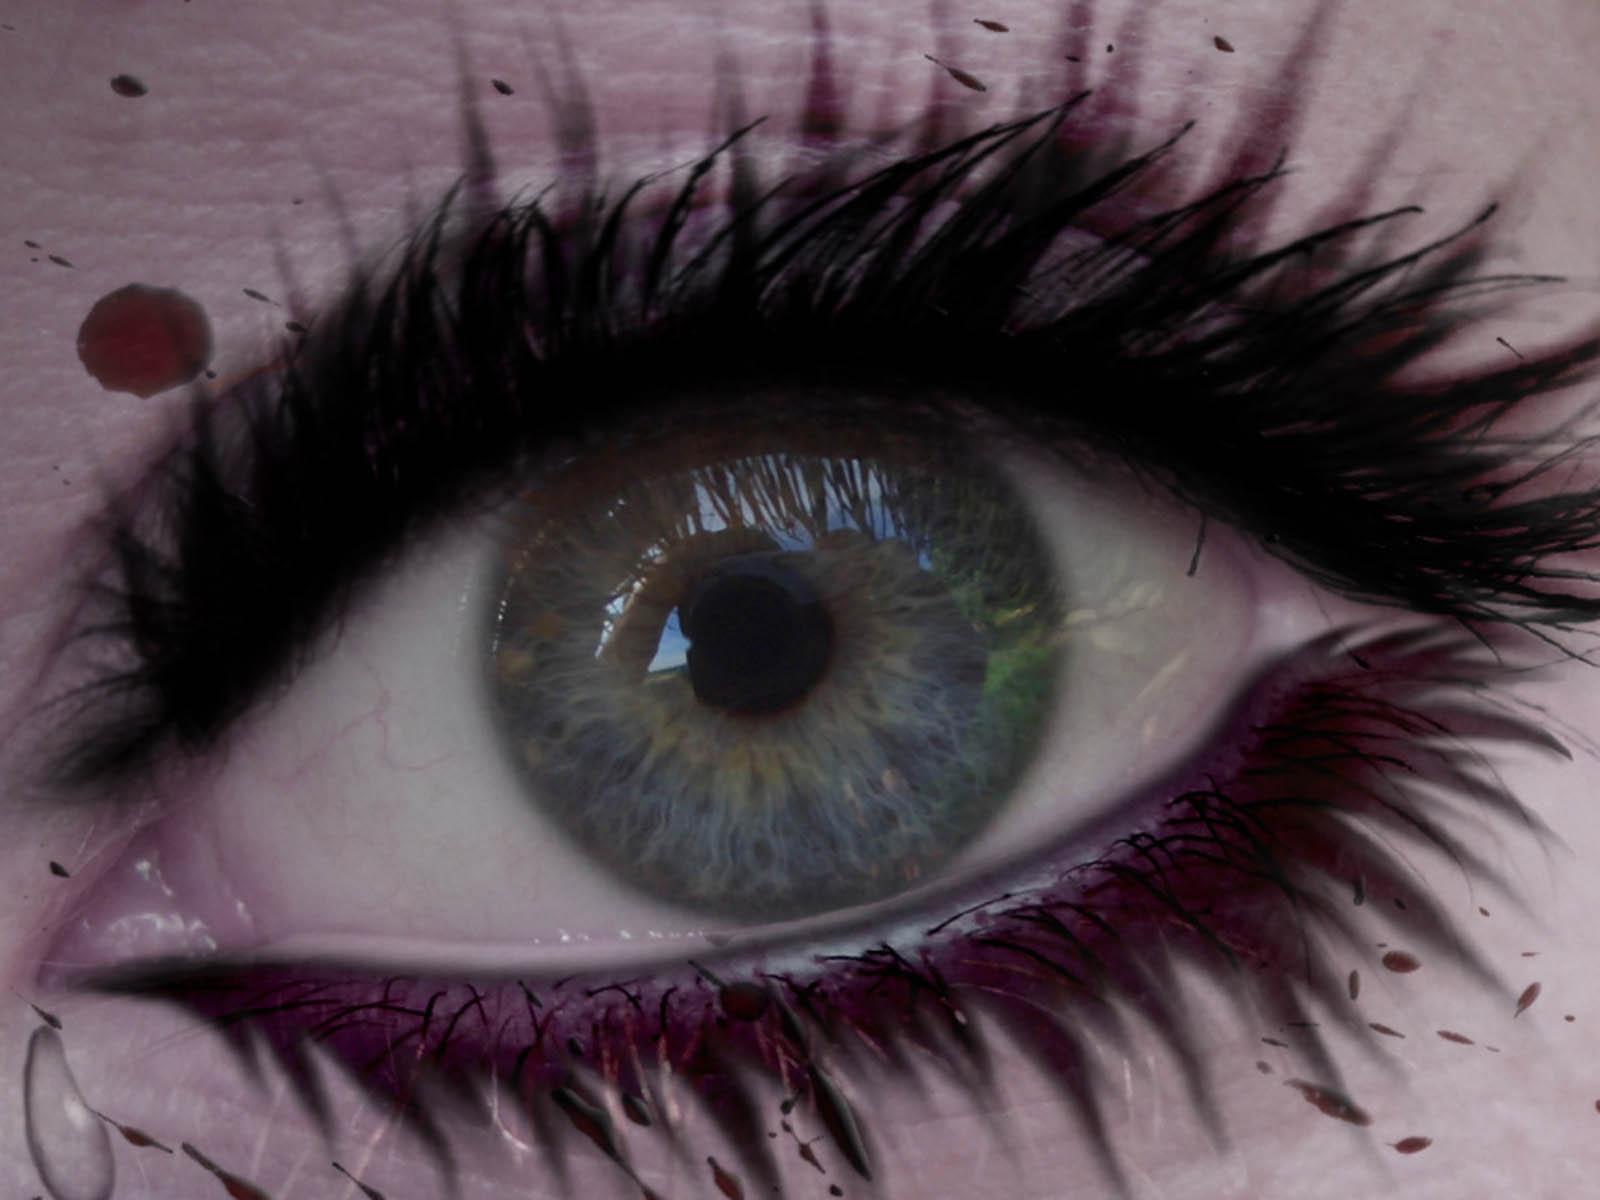 the Horror Eye Wallpapers Horror Eye Desktop Wallpapers Horror Eye 1600x1200